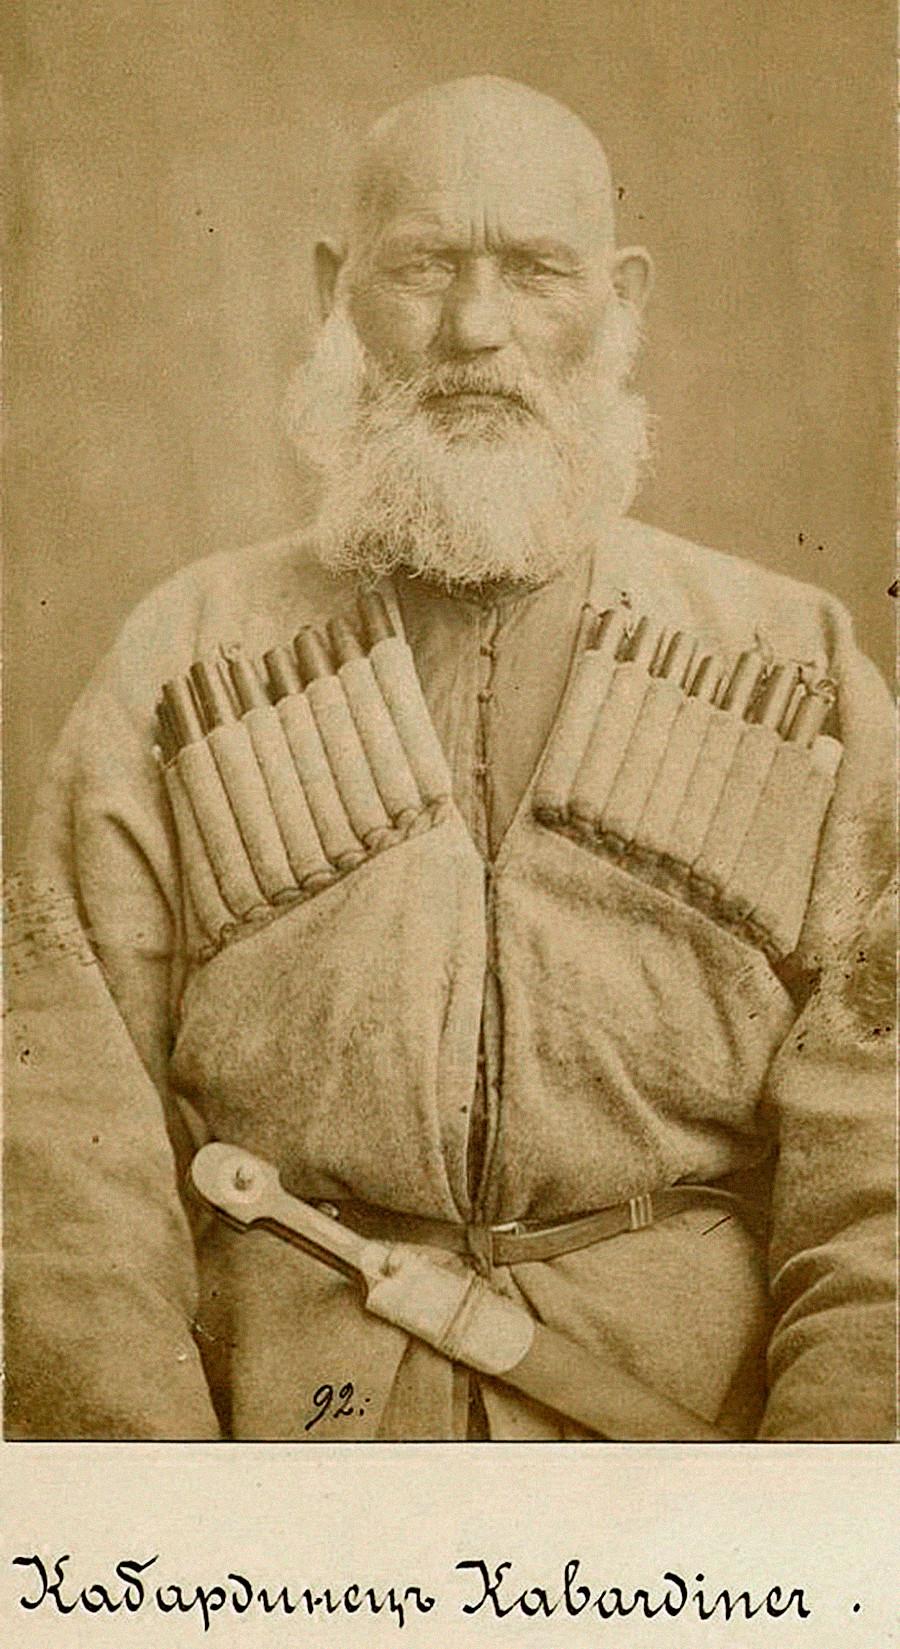 Кабардинац из Кабардије (данас Република Кабардино-Балкарија), крај 19. века